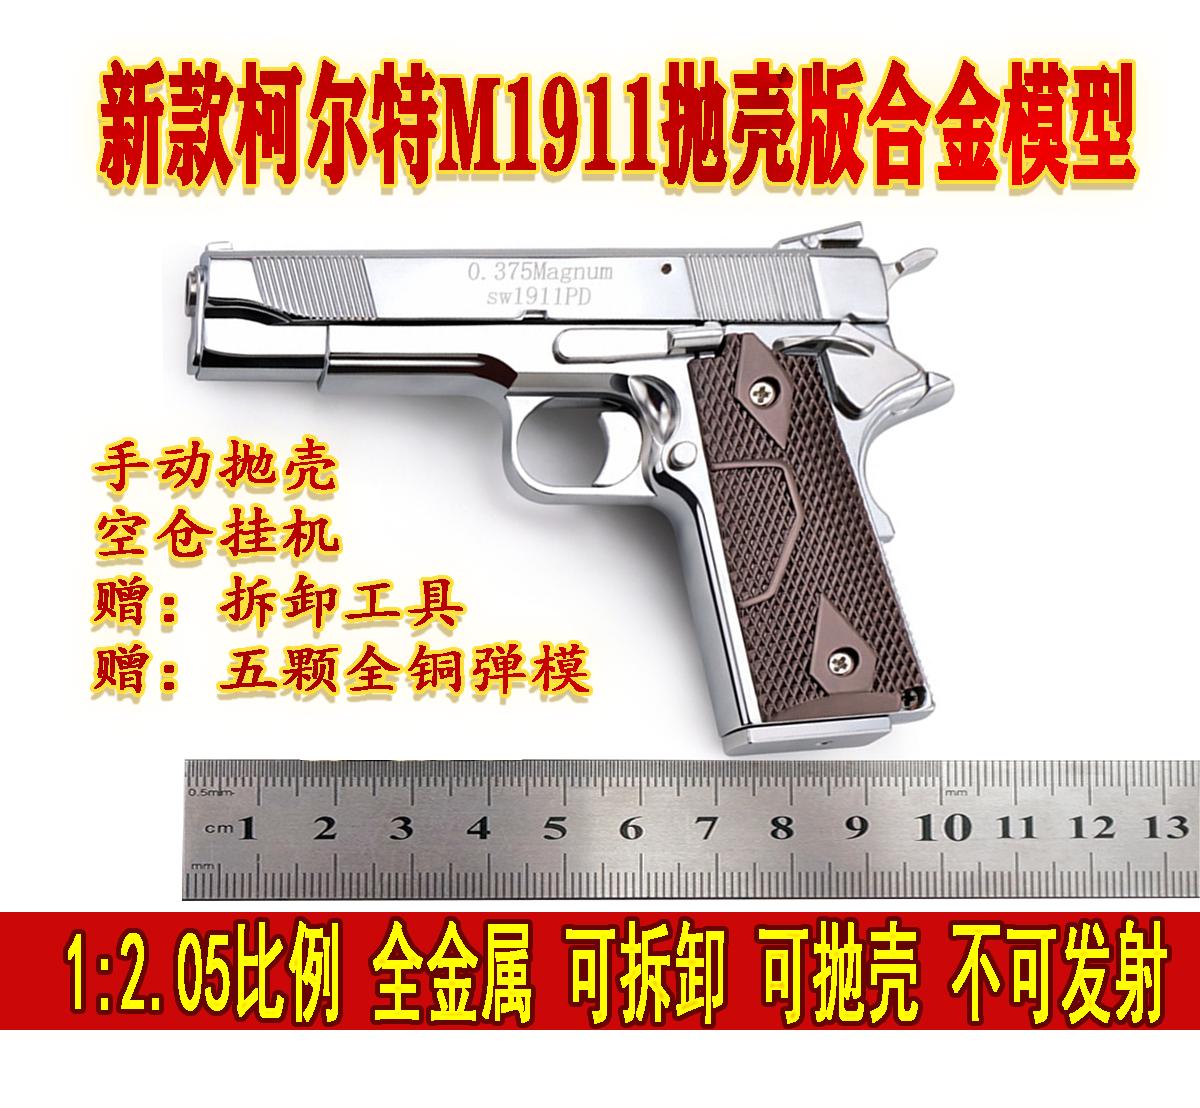 1:2.05หนุ่มM 1911โลหะผสมโลหะเต็มรูปแบบจำลองของเล่นเด็กปืนถอดออกได้